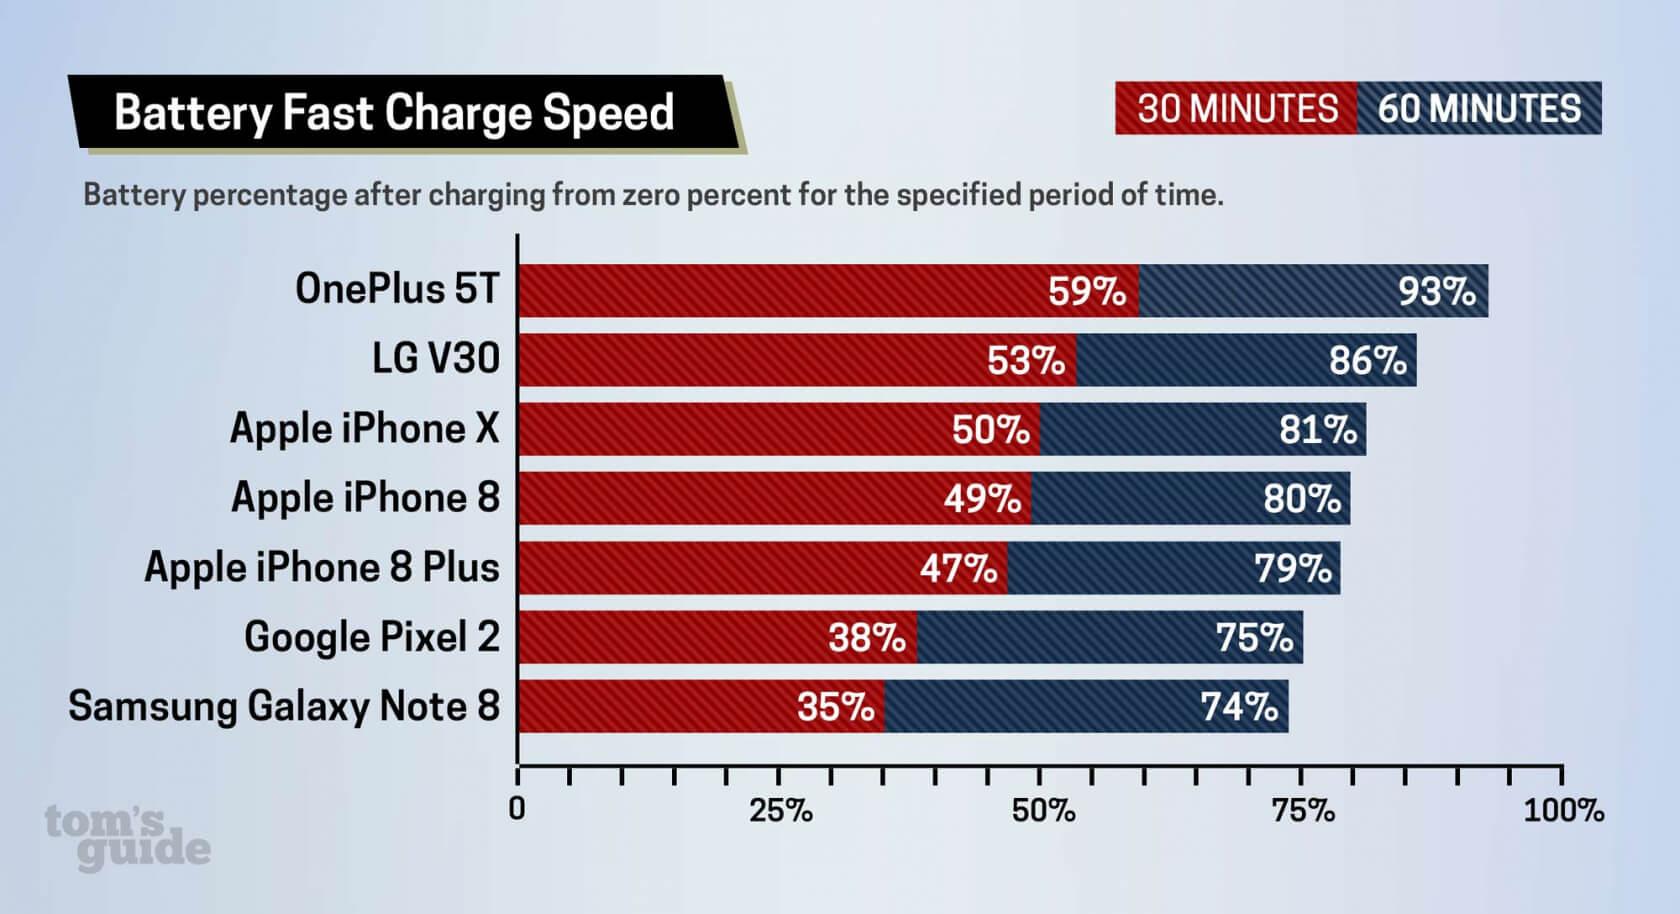 Hangi Telefon Daha Hızlı Şarj Oluyor?